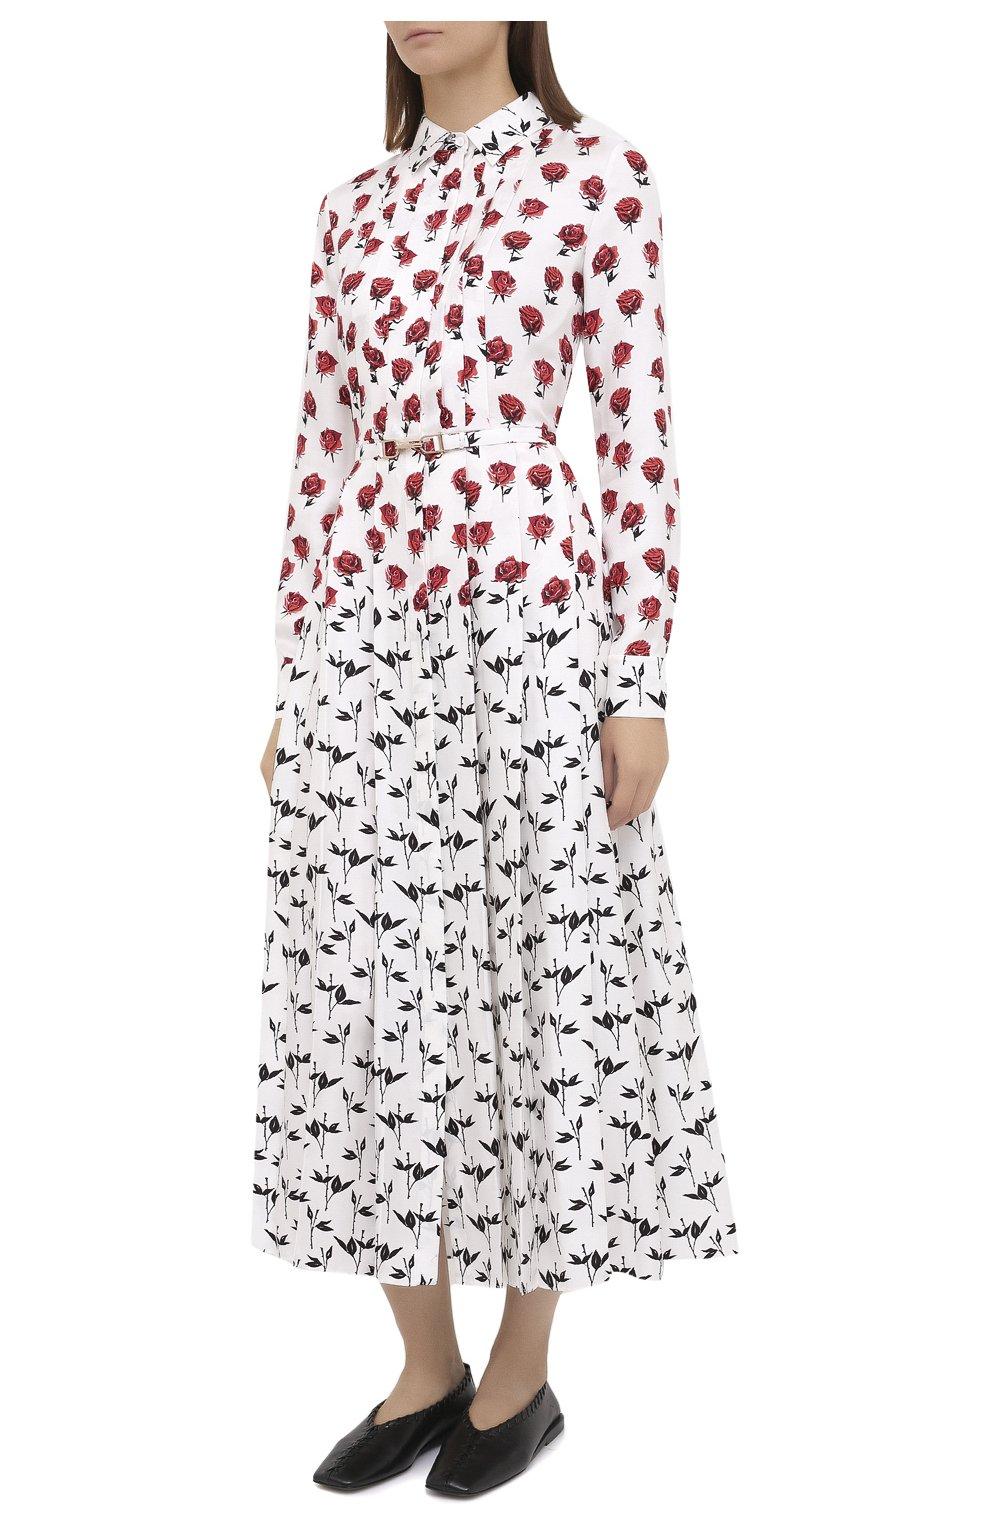 Женское шелковое платье GABRIELA HEARST белого цвета, арт. 420432 P023   Фото 3 (Женское Кросс-КТ: платье-рубашка, Платье-одежда; Материал внешний: Шелк; Рукава: Длинные; Случай: Повседневный; Длина Ж (юбки, платья, шорты): Миди; Стили: Романтичный)